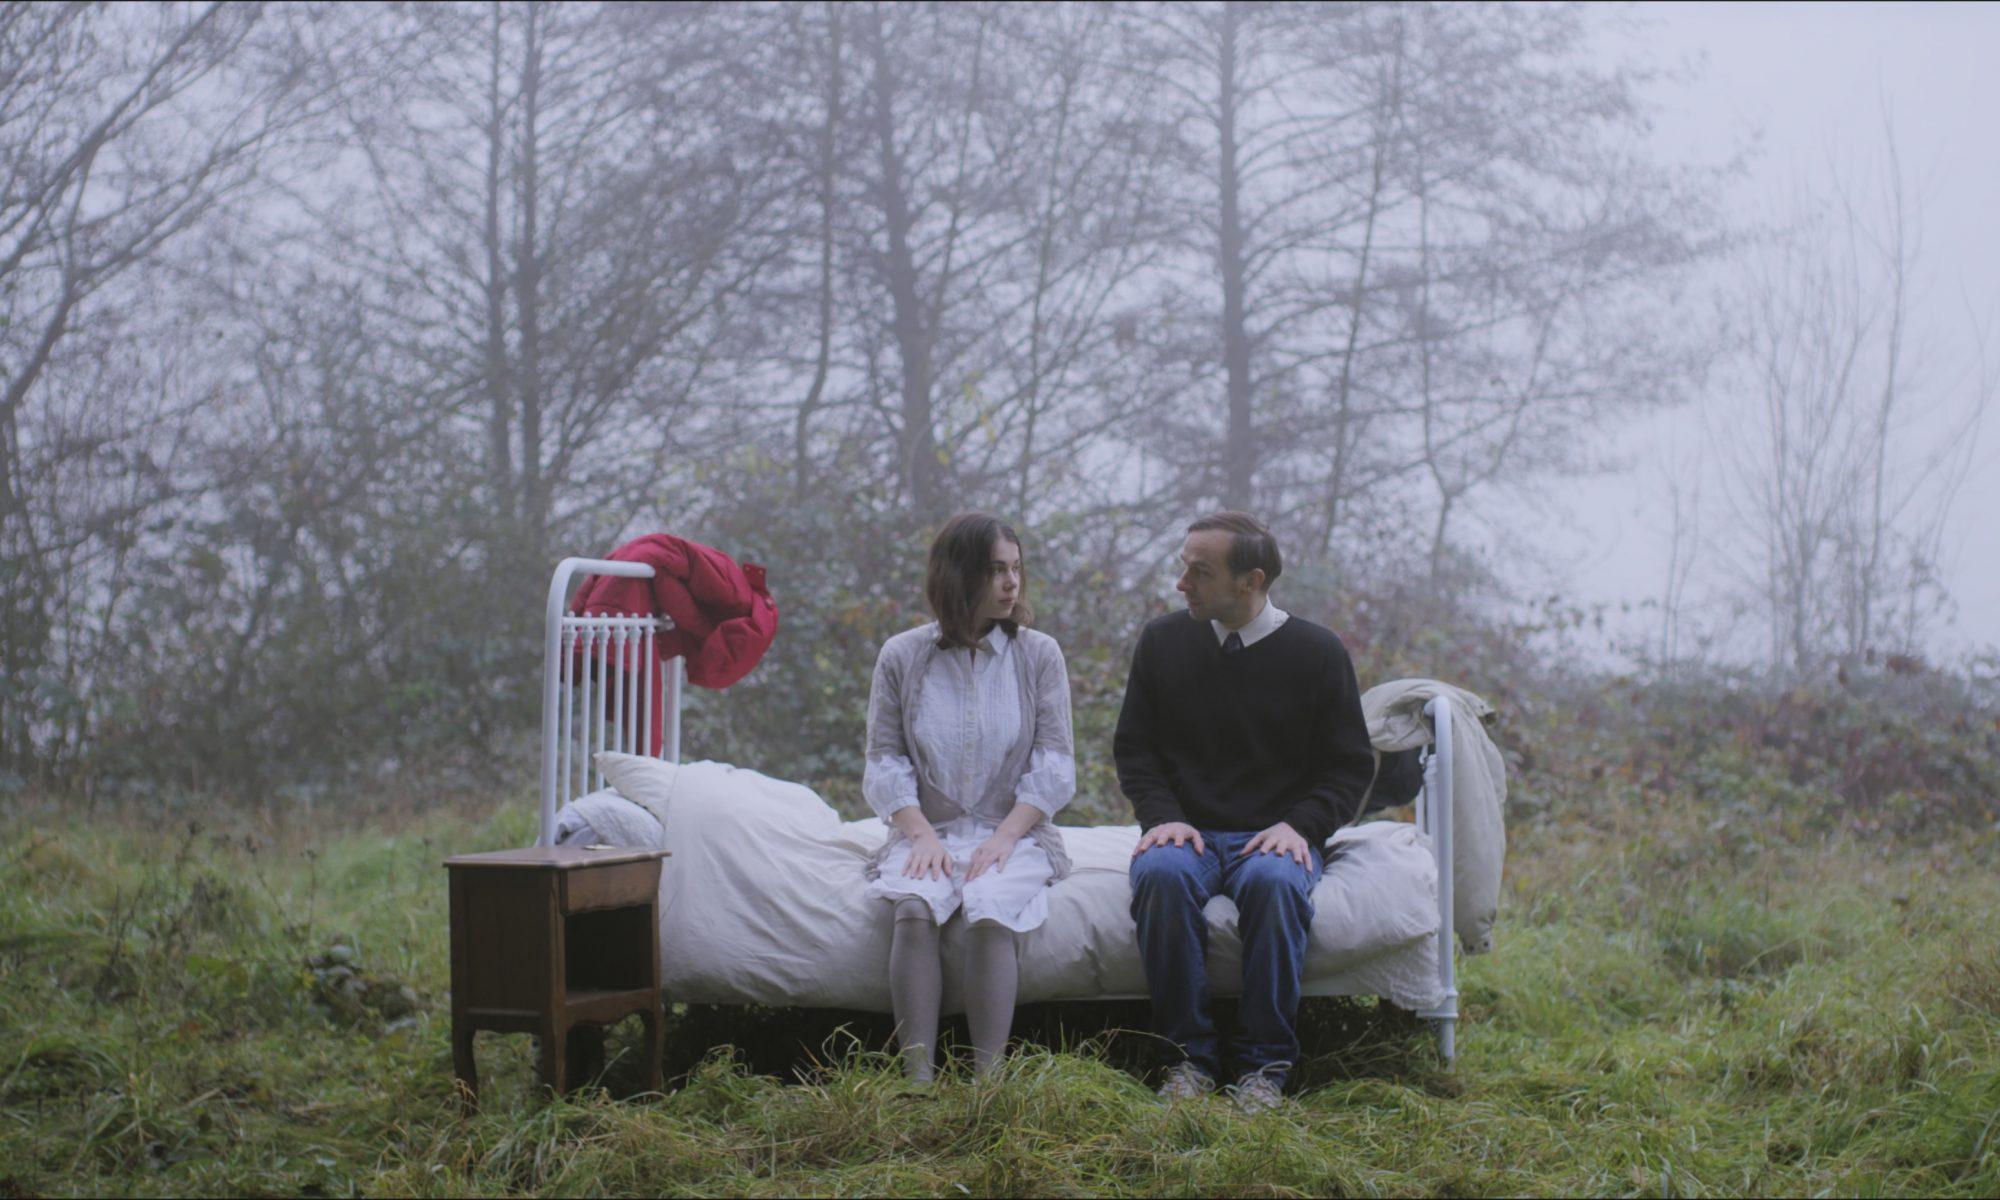 Un court-métrage de Jeremias Nussbaum, avec Nina Mazodier et Jeremias Nussbaum. Image: François Chambe